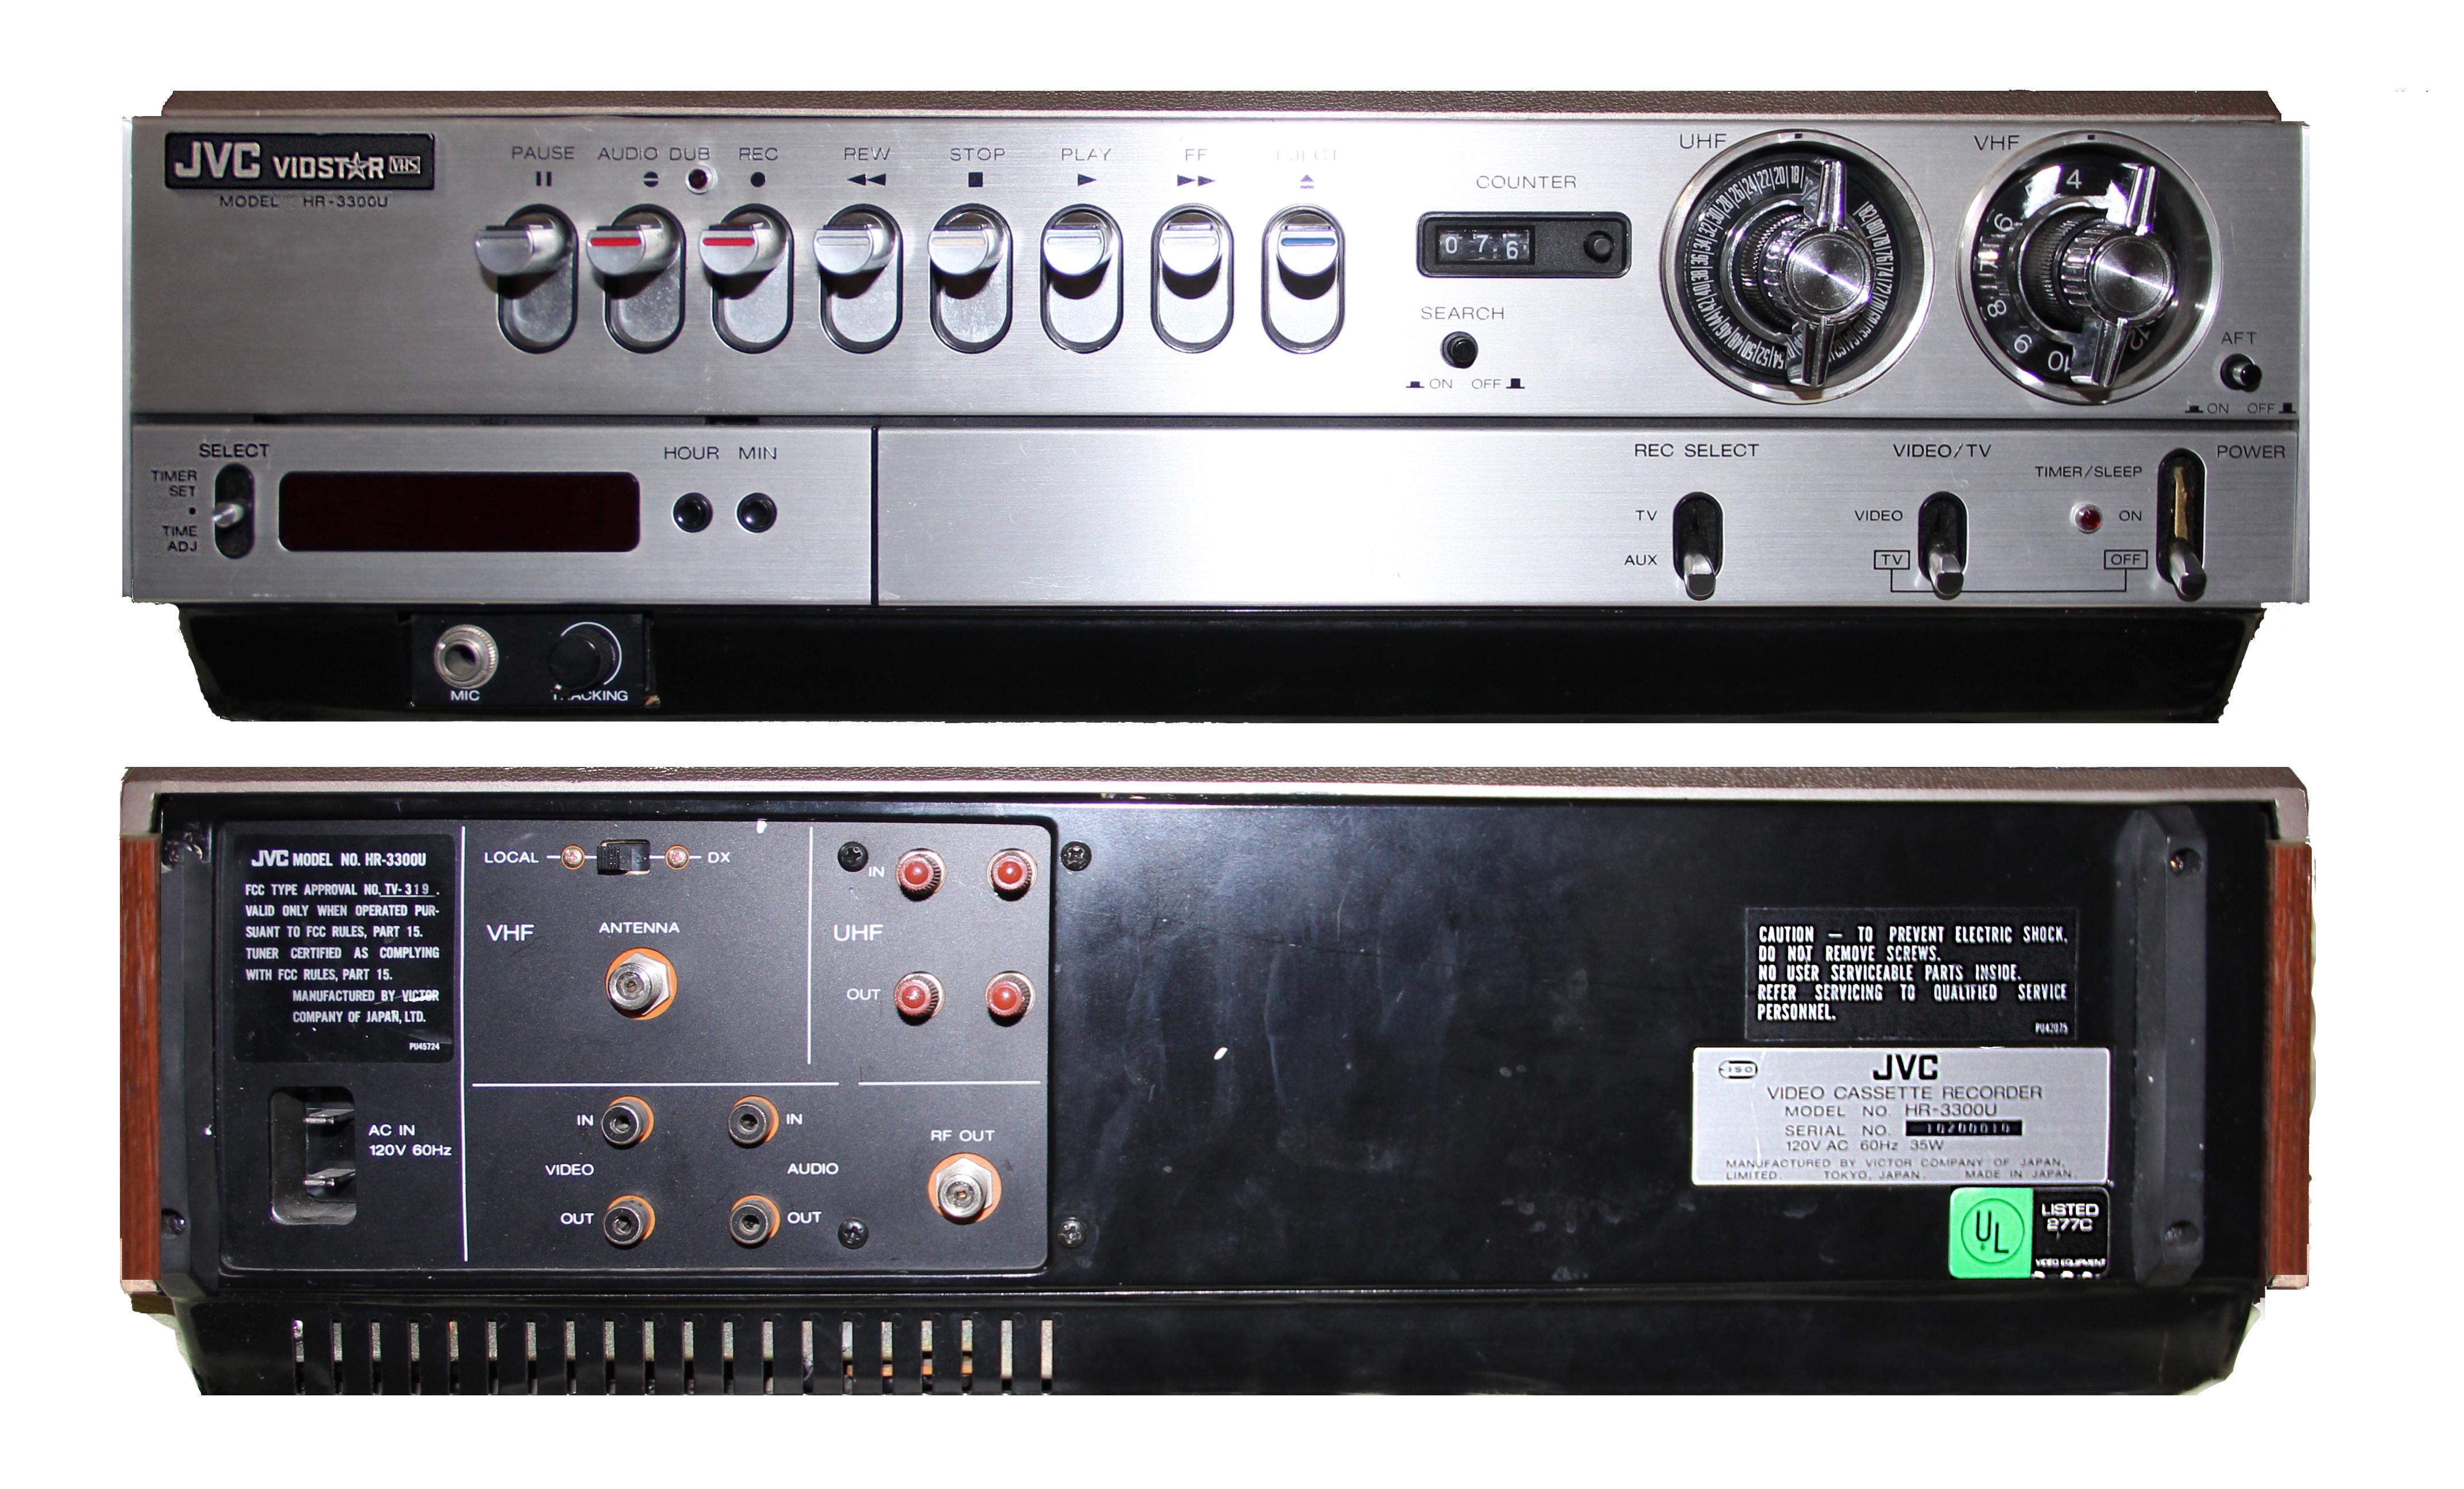 Primeiro aparelho de VHS vendido no mundo, pela JVC (Foto: Reprodução/JVC)